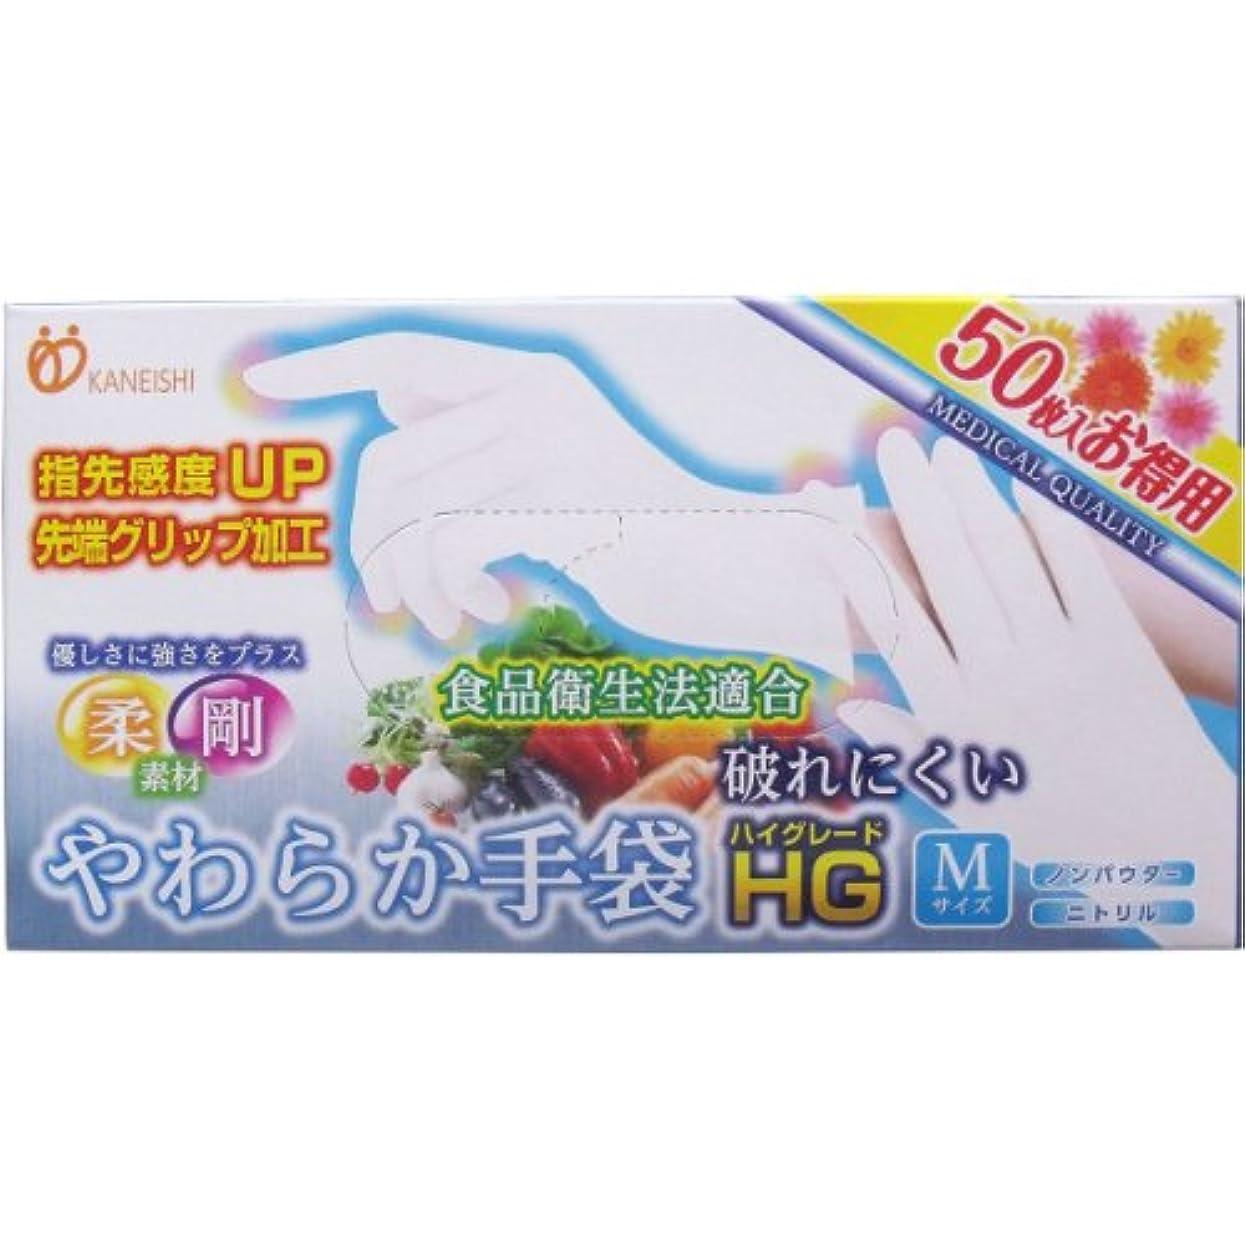 許さない計算可能引くやわらか手袋HG (ハイグレード) 二トリル手袋 パウダーフリー Mサイズ 50枚入×10個セット